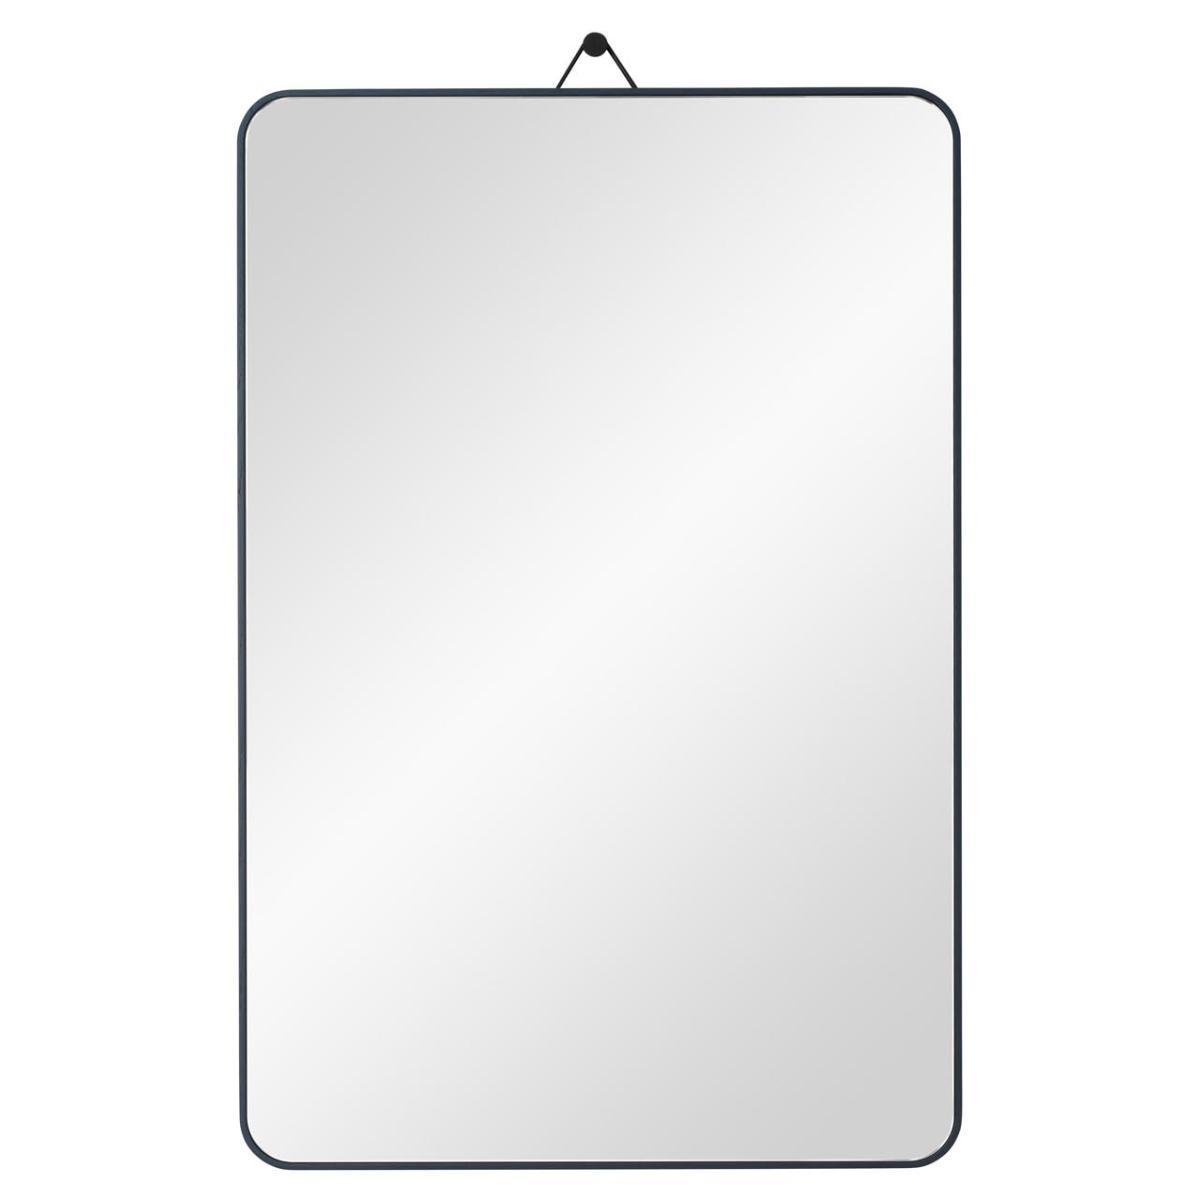 VIEW Spiegel 40 x 60 cm Eiche nachtblau